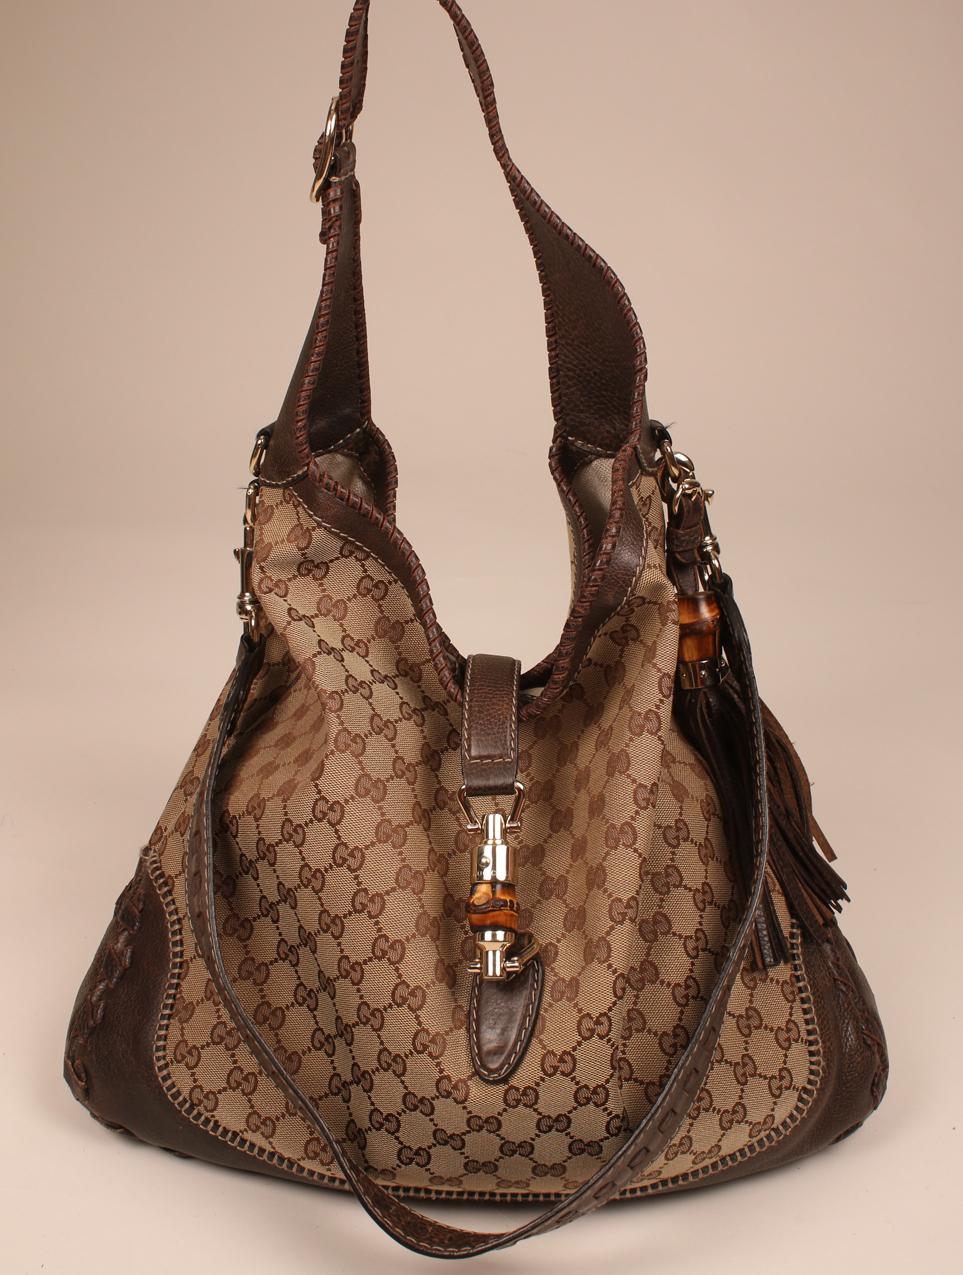 jalkineet lähemmäs Alin hinta Gucci Jackie hobo-laukku / Gucci canvas GG monogram Jackie bag